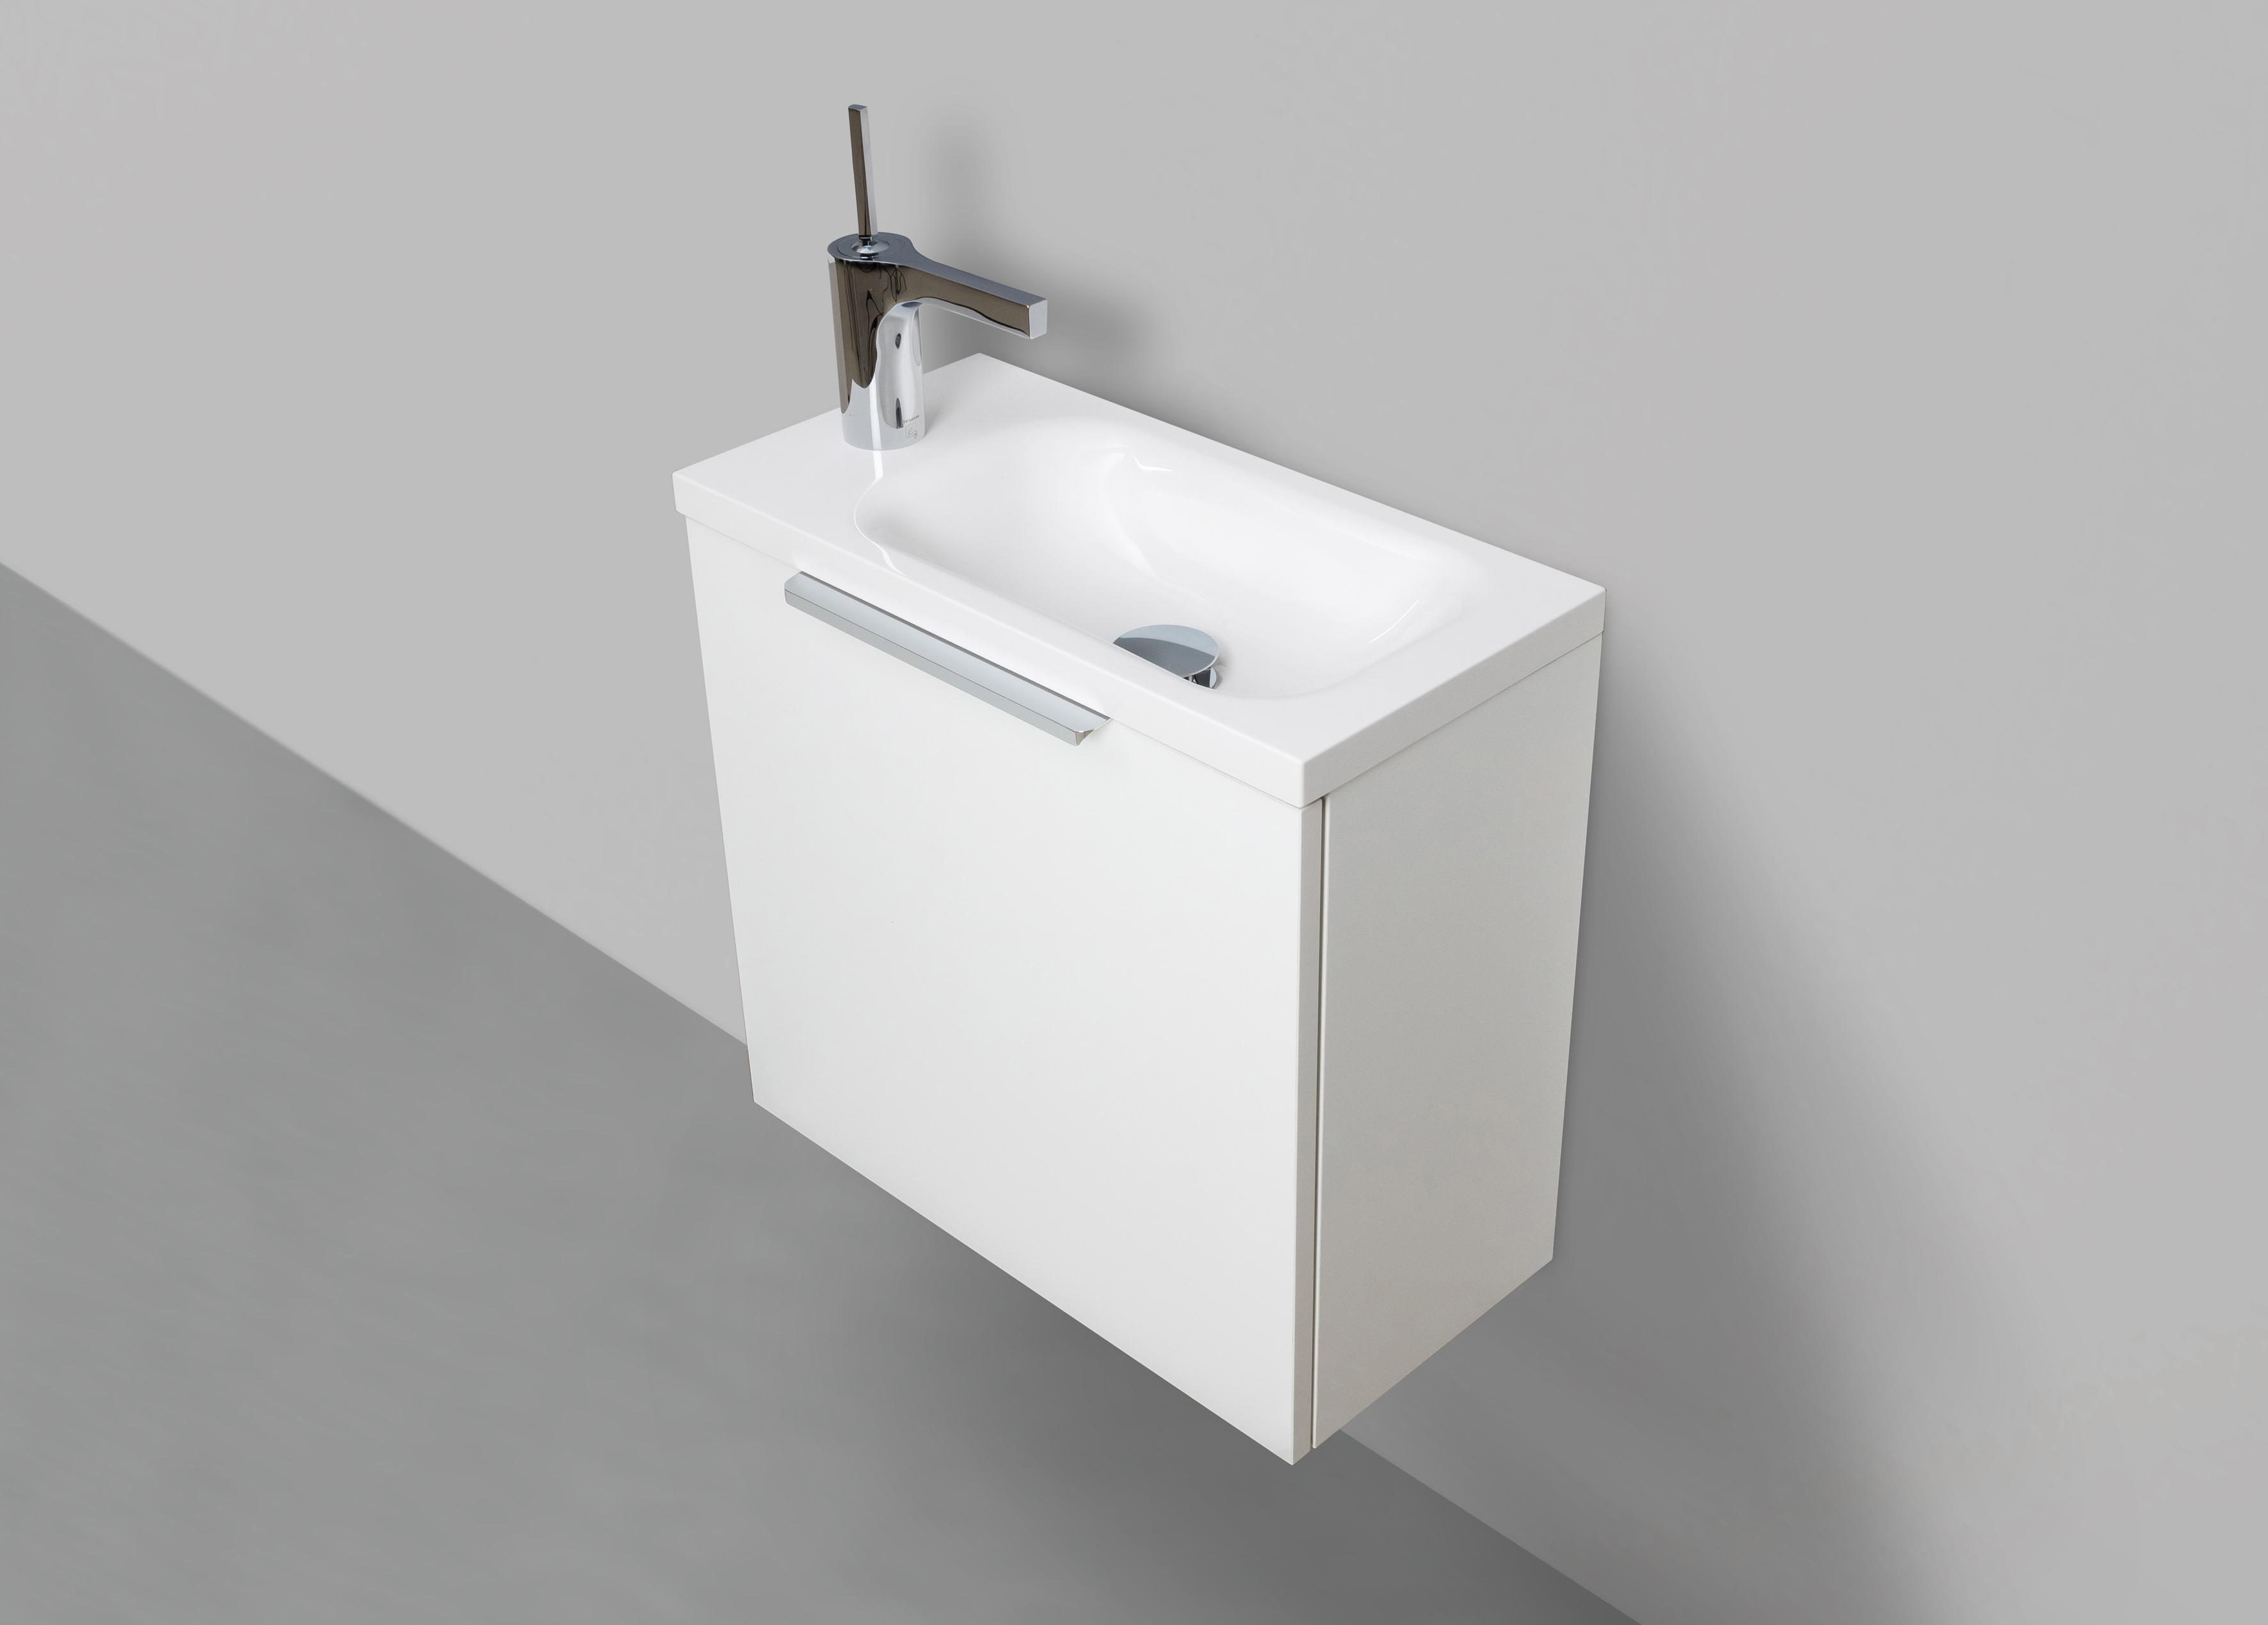 g stebad rimini 50 cm waschtisch mit unterschrank wei hg. Black Bedroom Furniture Sets. Home Design Ideas